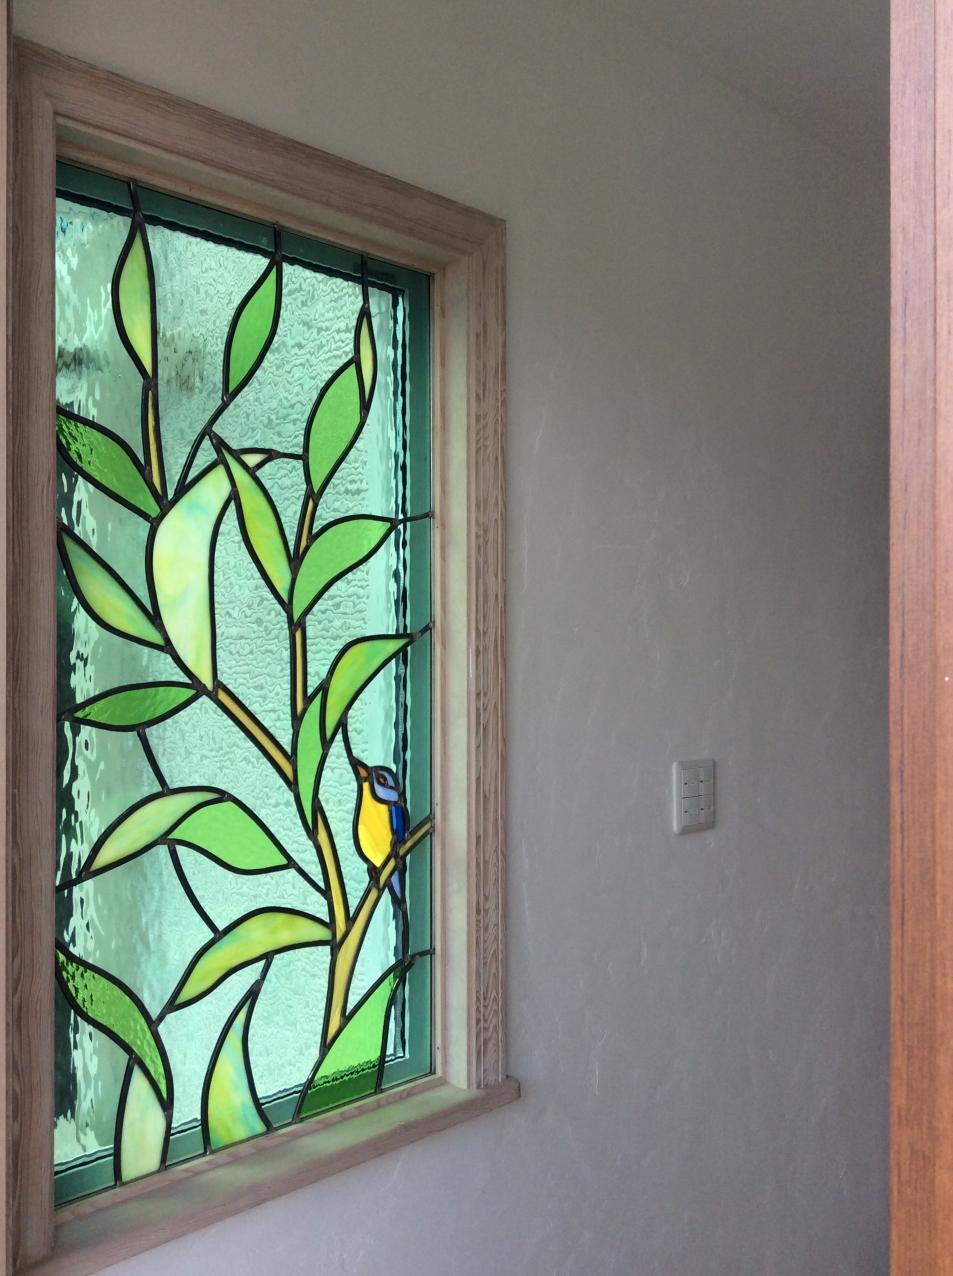 ナチュラルスタイルのインテリア空間に 鳥と植物をモチーフにした優しいデザインで彩ります